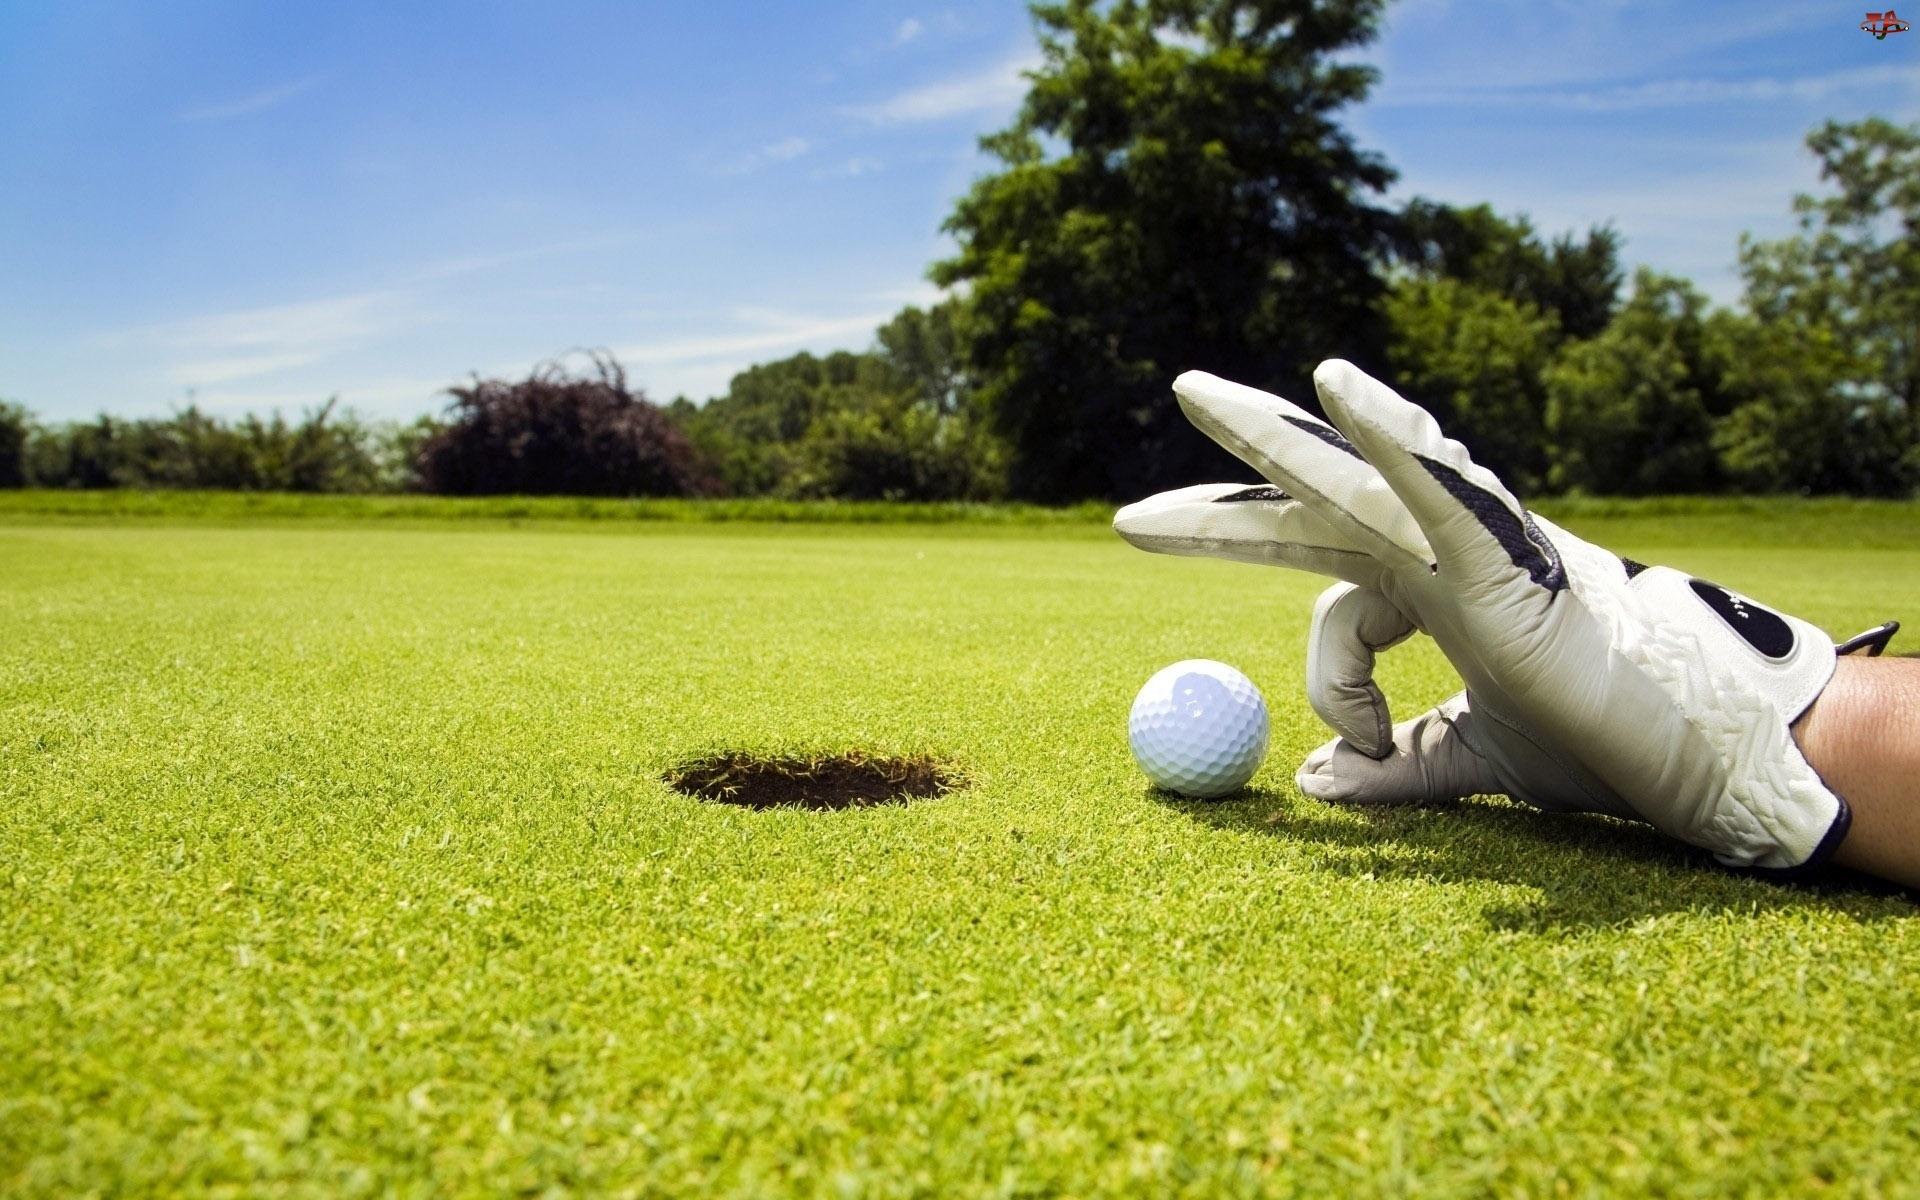 Rękawiczka, Golf, Ręka